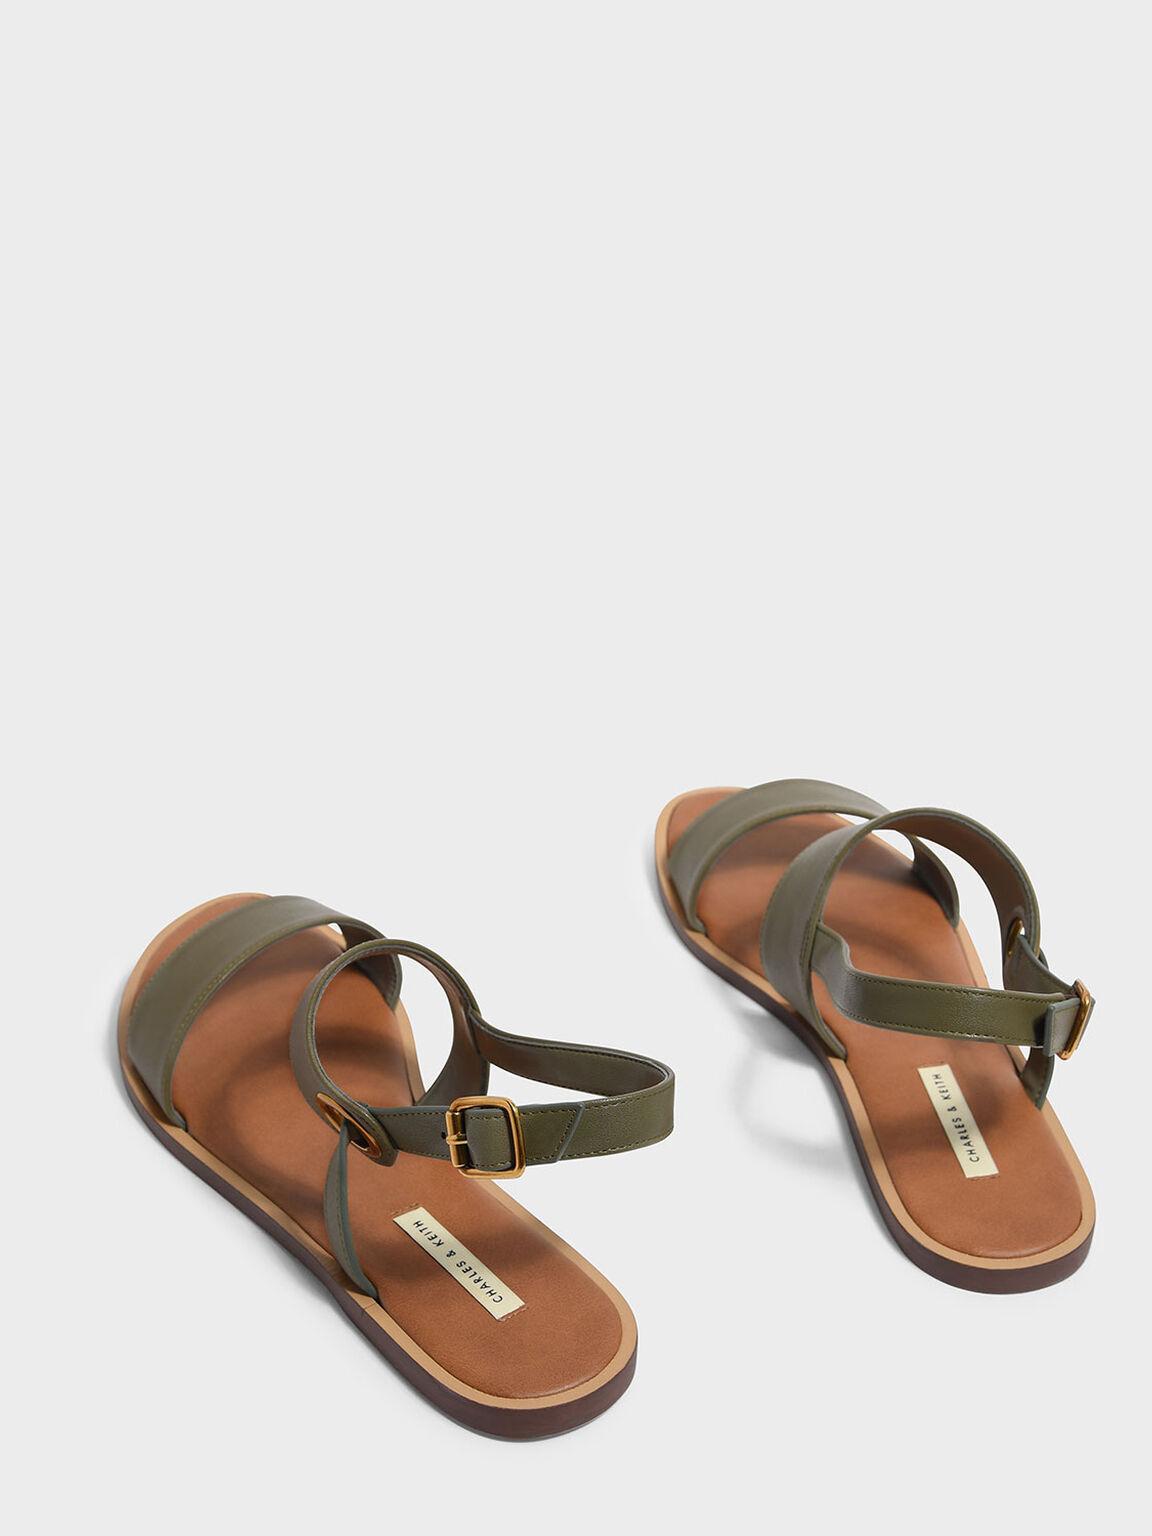 Asymmetrical Slingback Sandals, Olive, hi-res